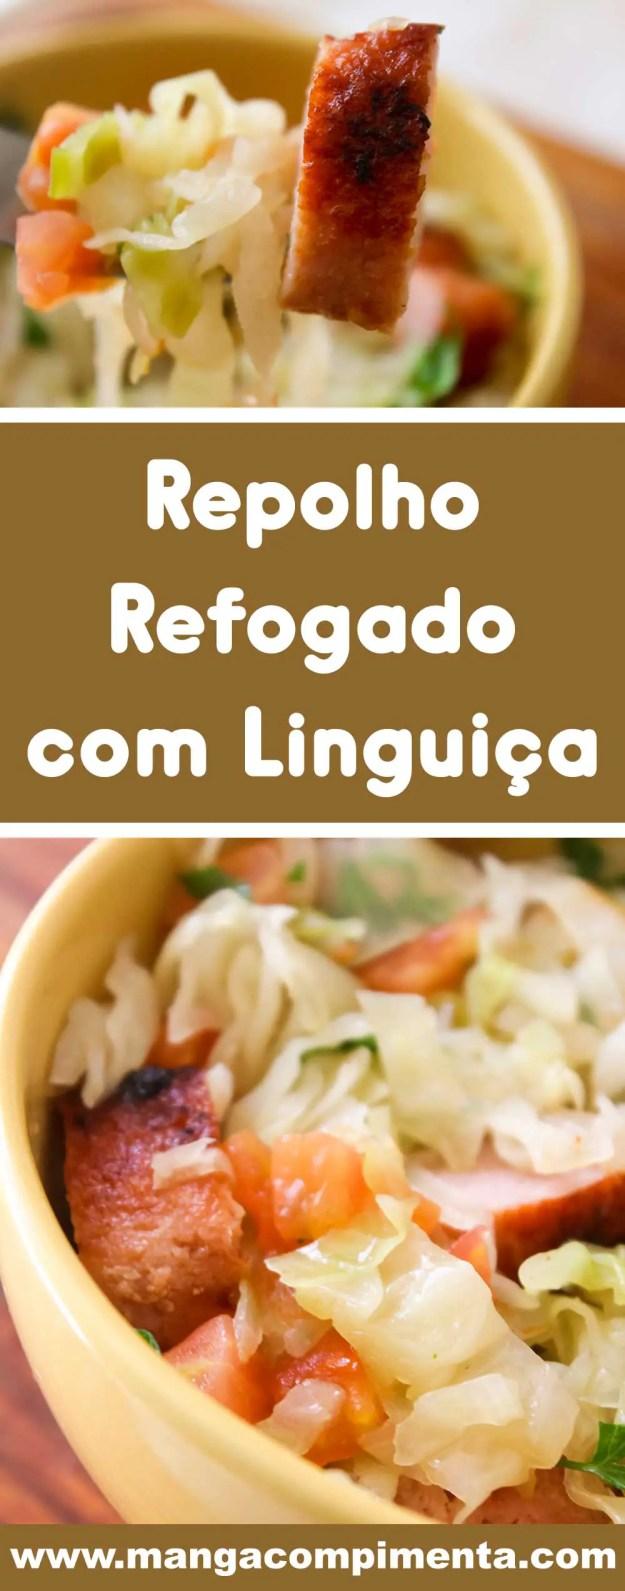 Receita de Repolho com Linguiça de Churrasco - prato delicioso para o almoço ou jantar!